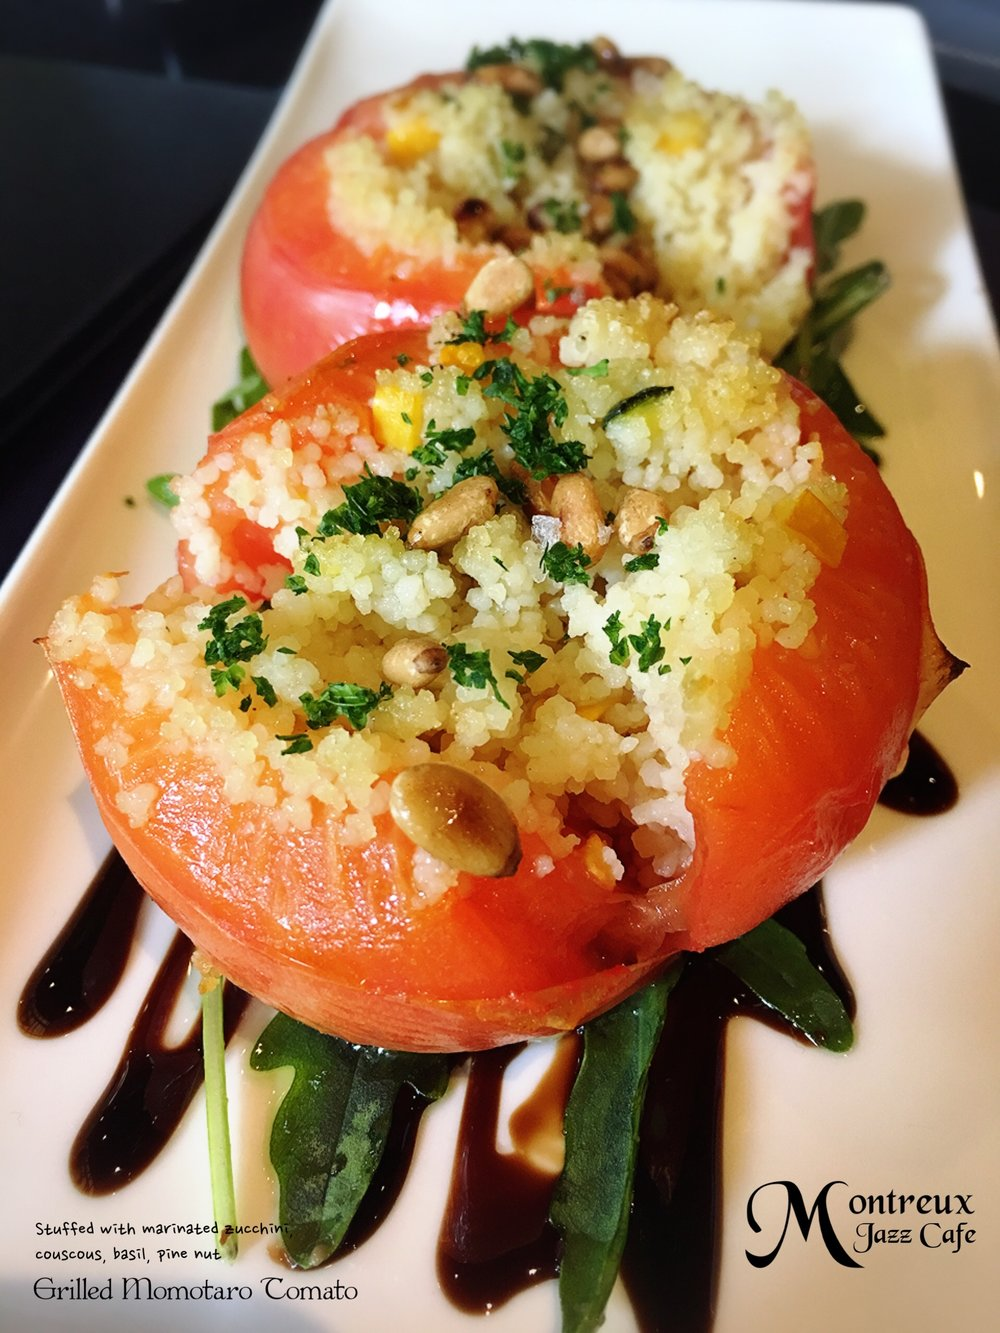 Grilled Momotaro Tomato